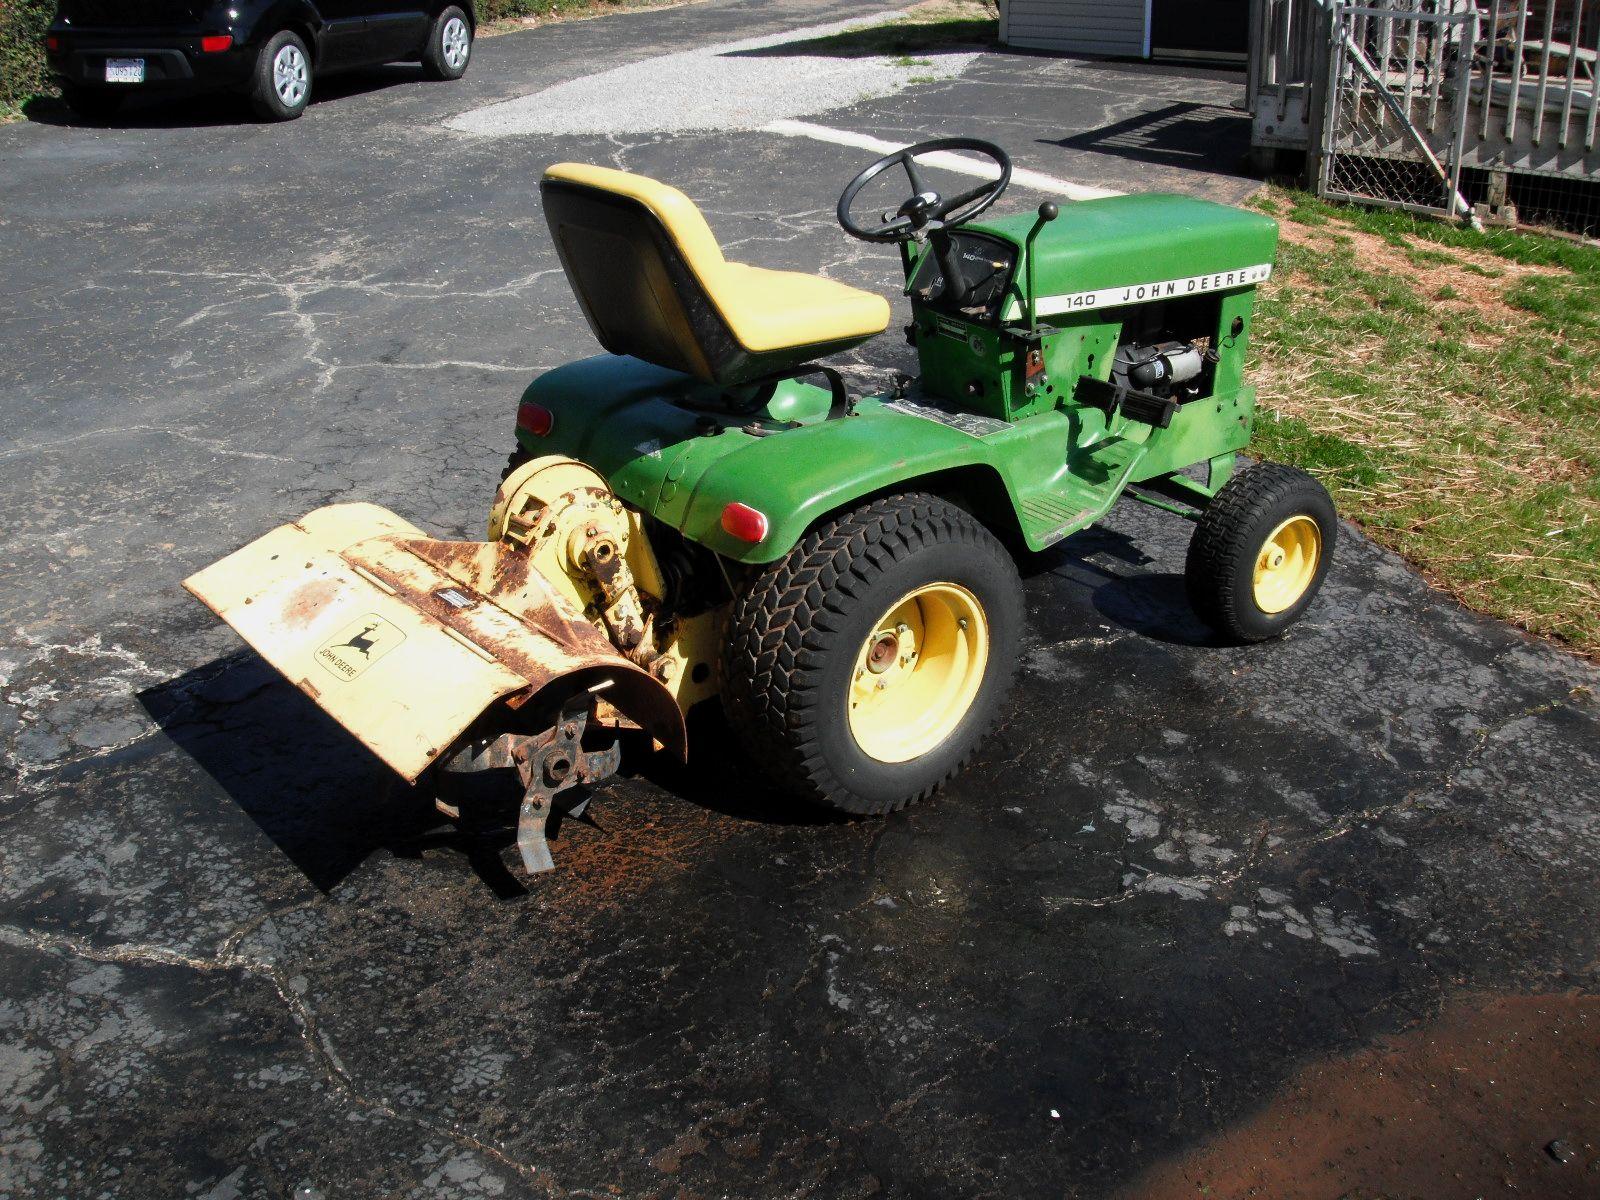 John Deere 110 Garden Tractor Tiller Attachment   John Deere